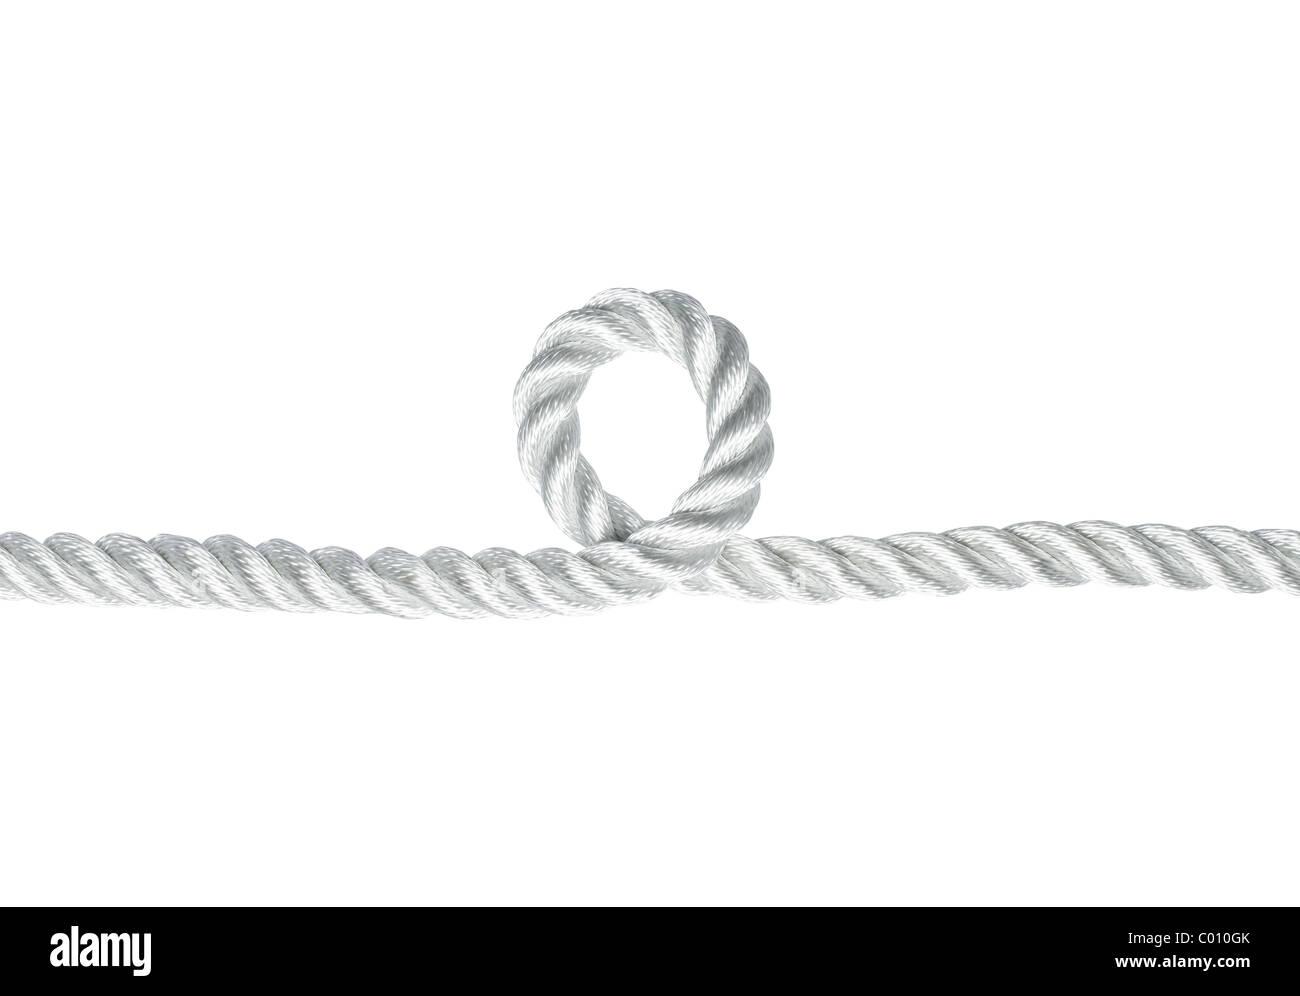 Cuerda de nylon con una laguna aislado en blanco Imagen De Stock